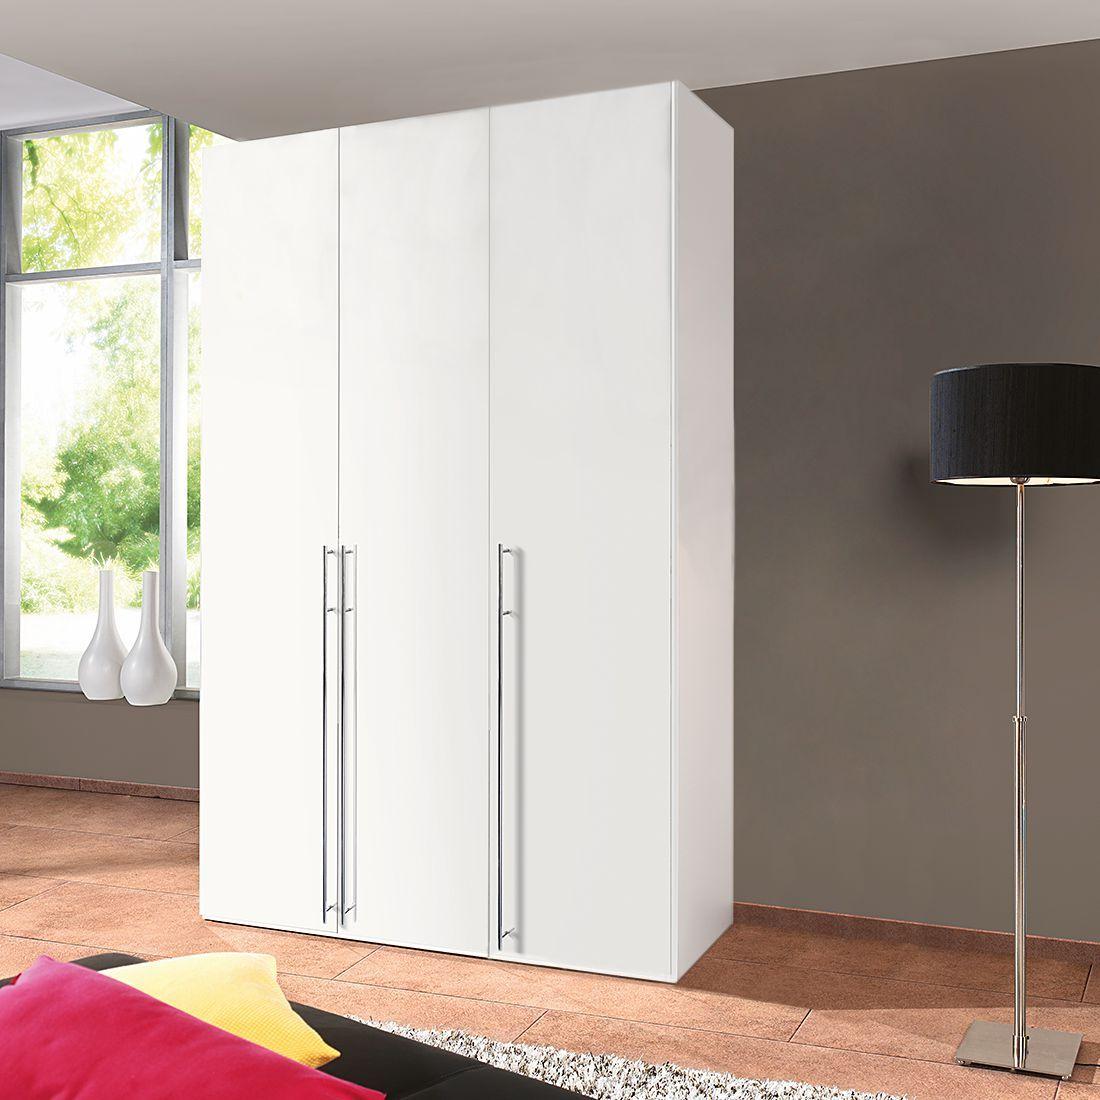 Full Size of Kleiderschrnke Kiefer Natur Lackiert Gnstige Wohnzimmer Schlafzimmerschränke